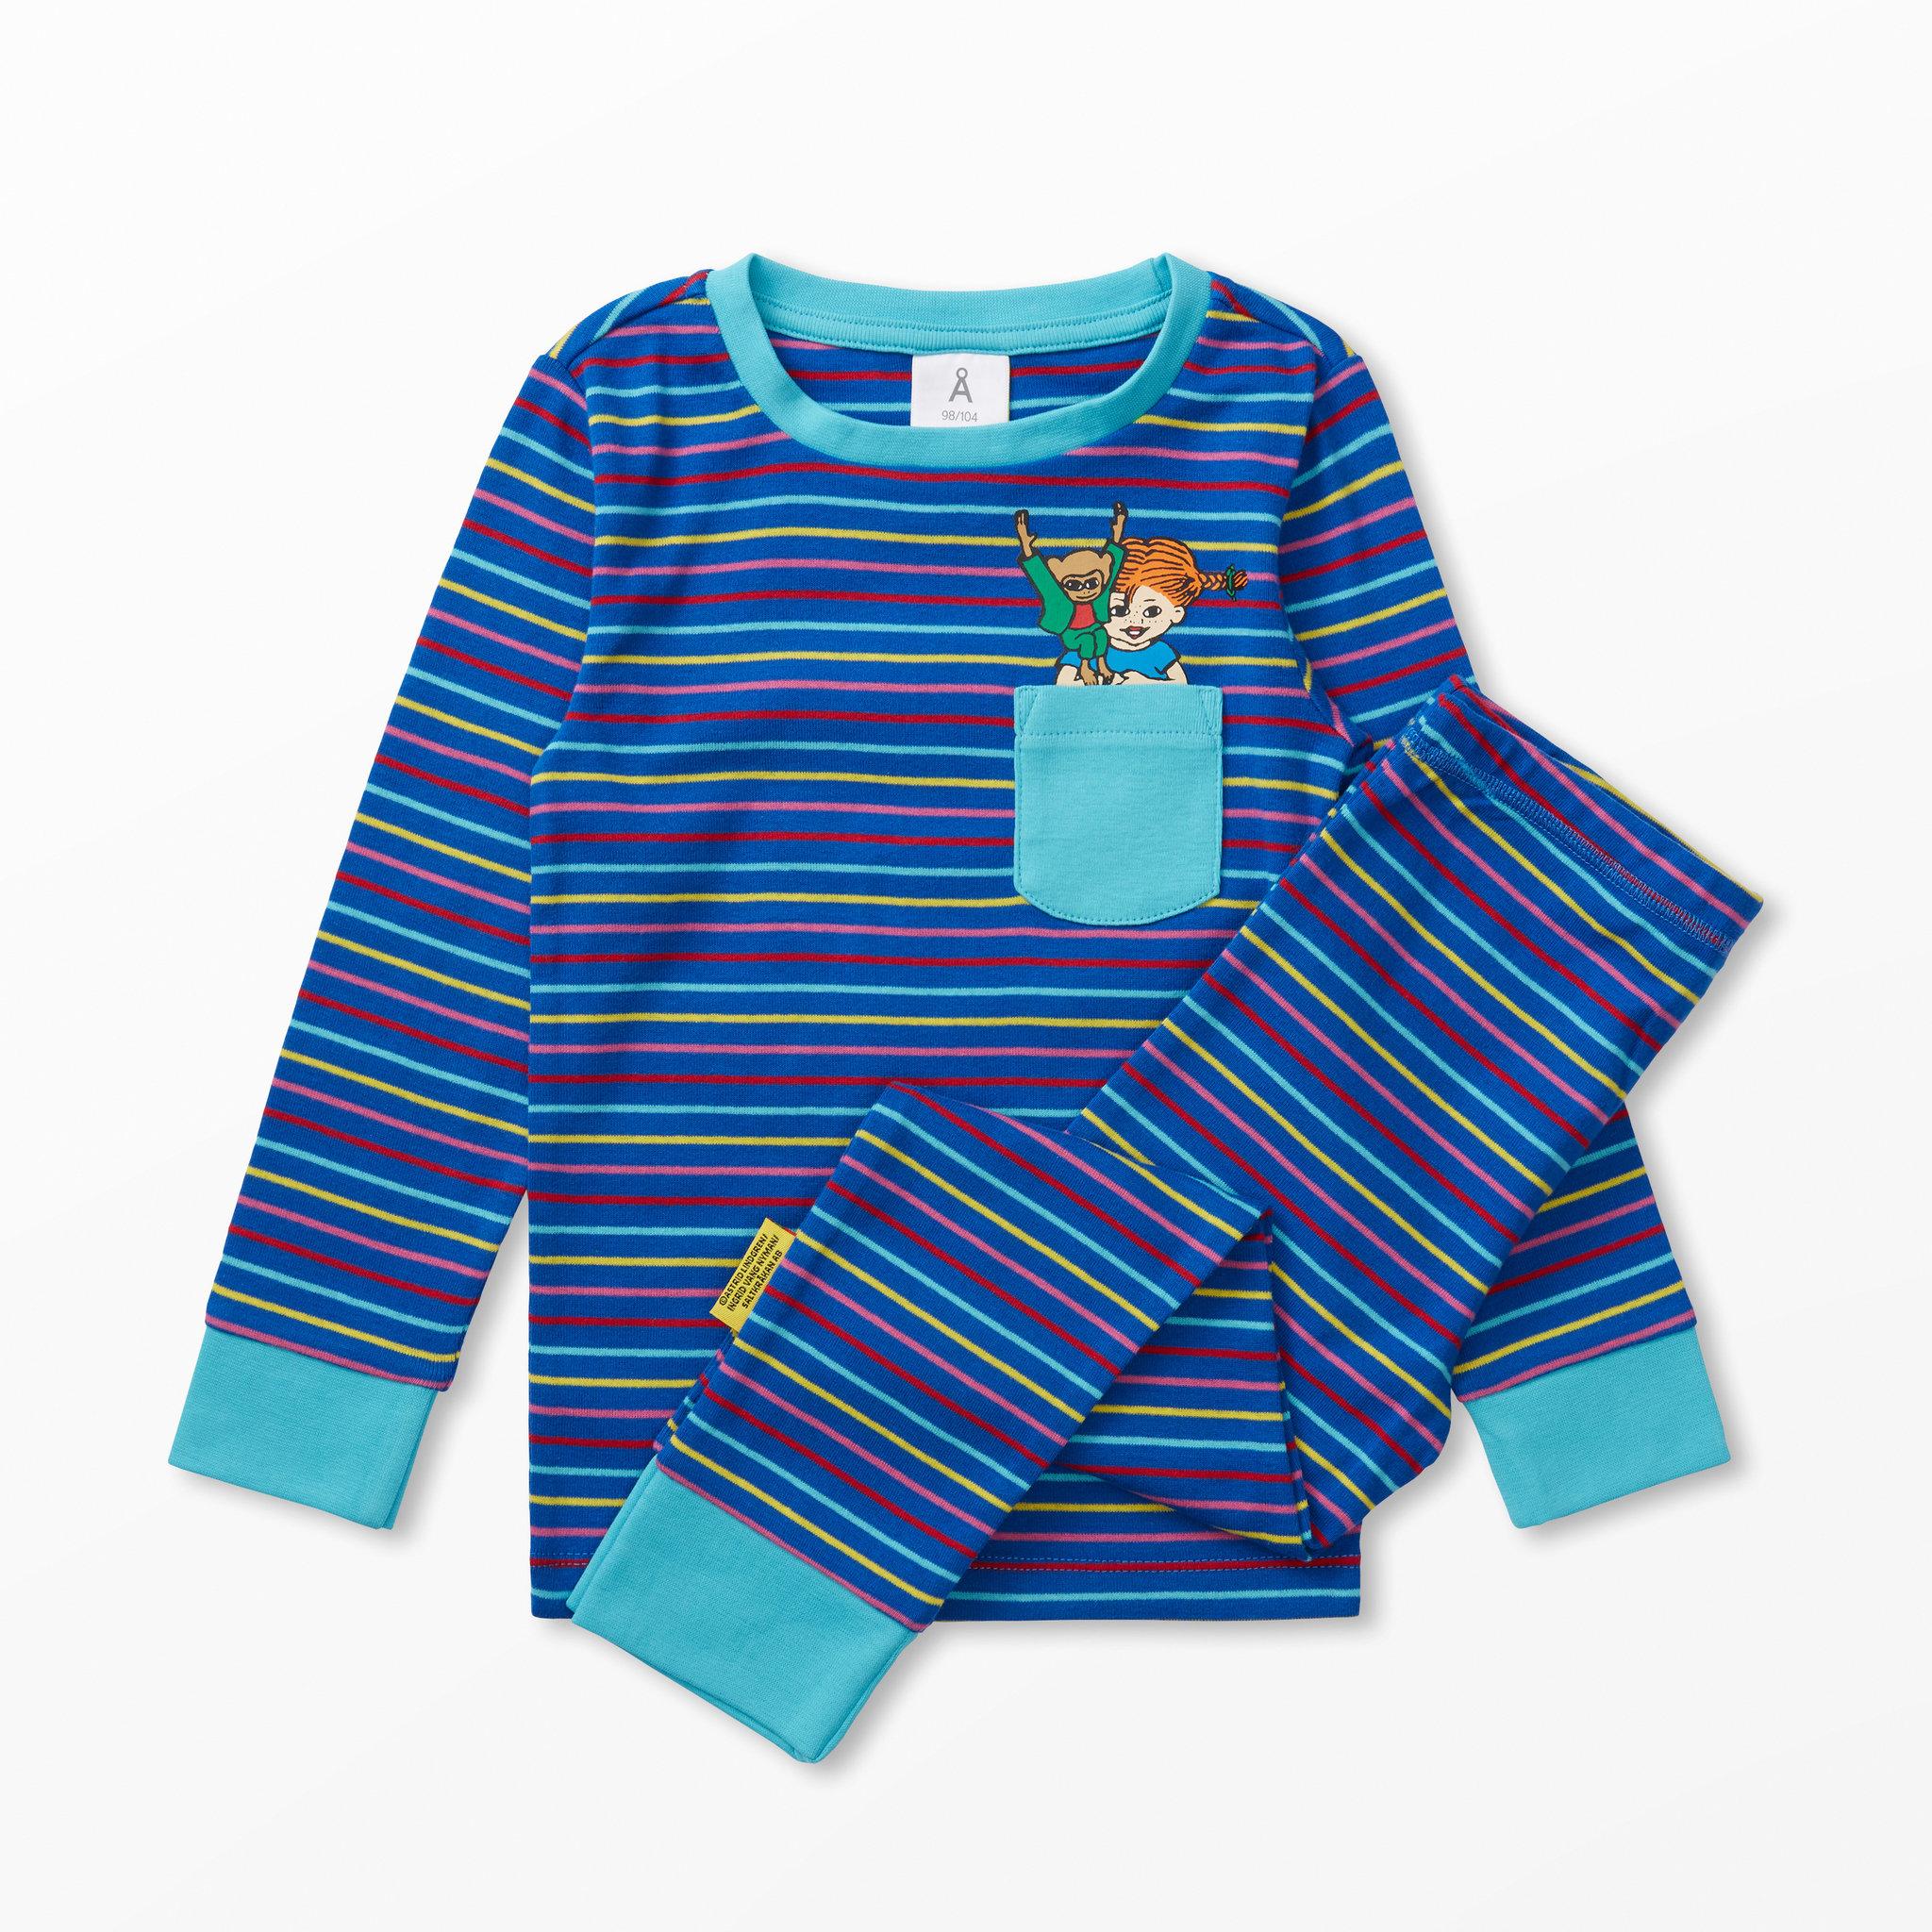 5280ce9558f8 Pyjamas Pippi Långstrump - Underkläder & sovplagg - Köp online på åhlens.se!